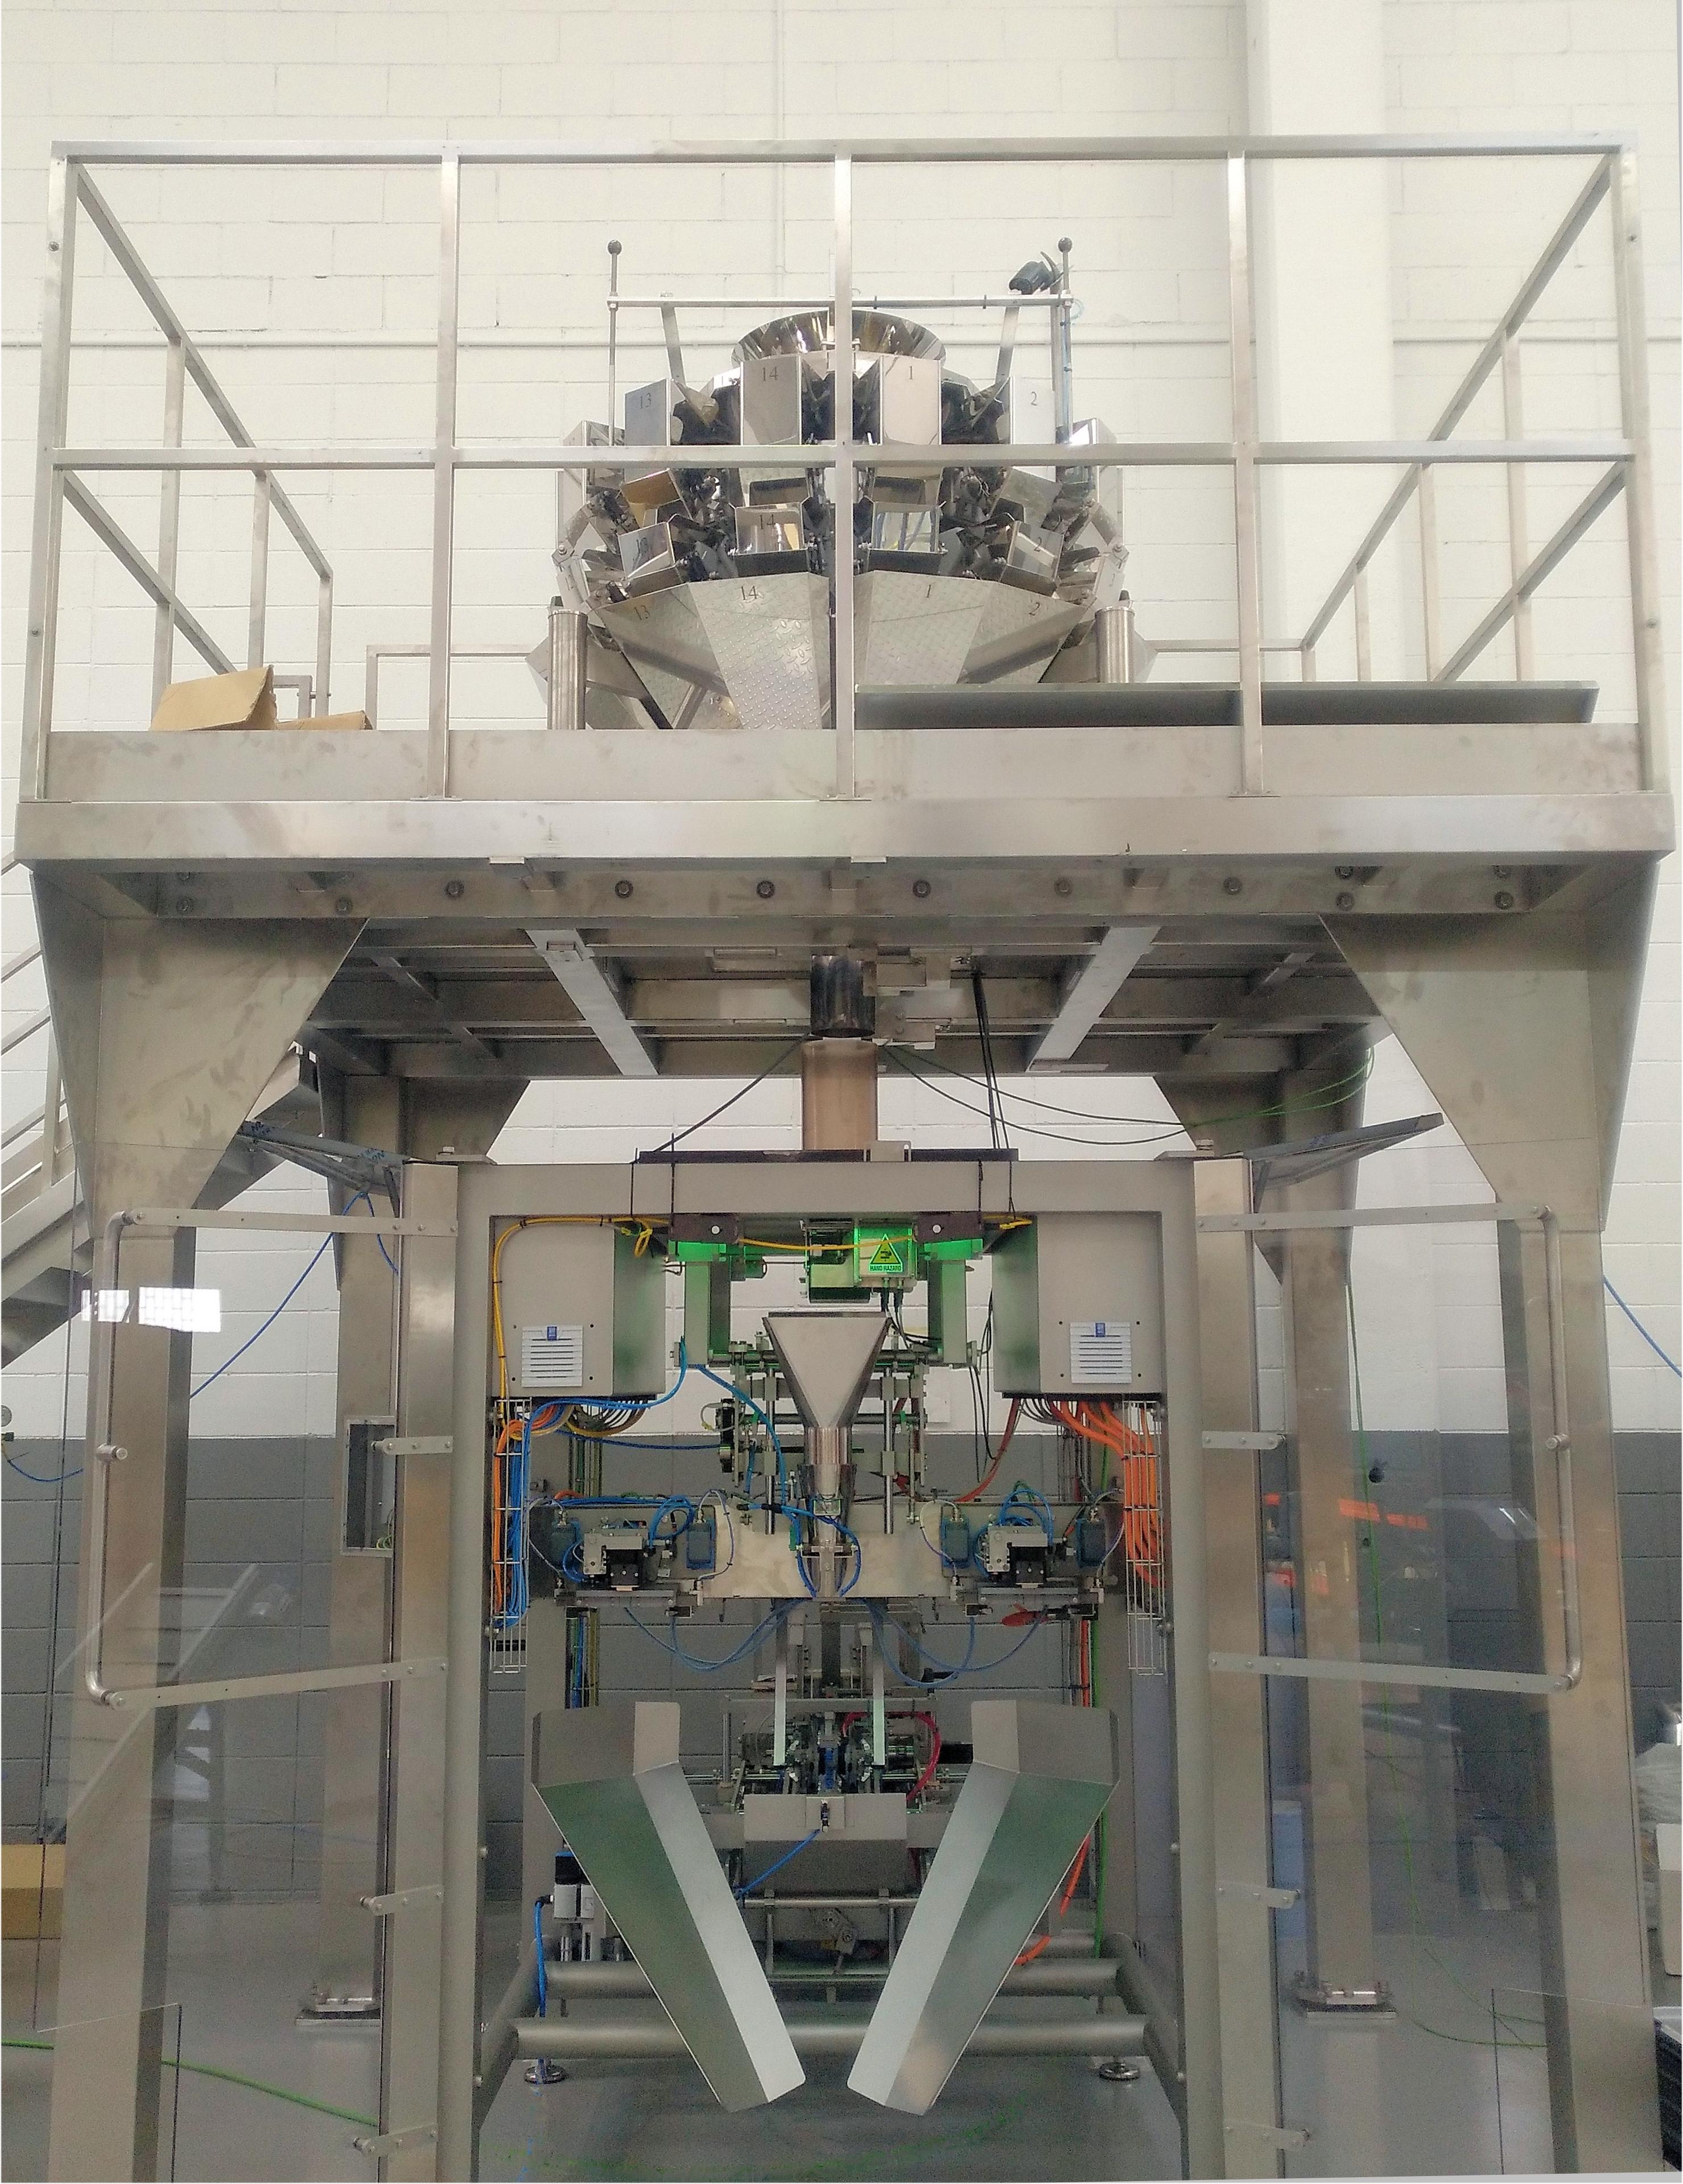 maquinaria industrial, envasado, maquinara envasado, ingeniería ,ingenieria, tecnología, maquinaria gran formato